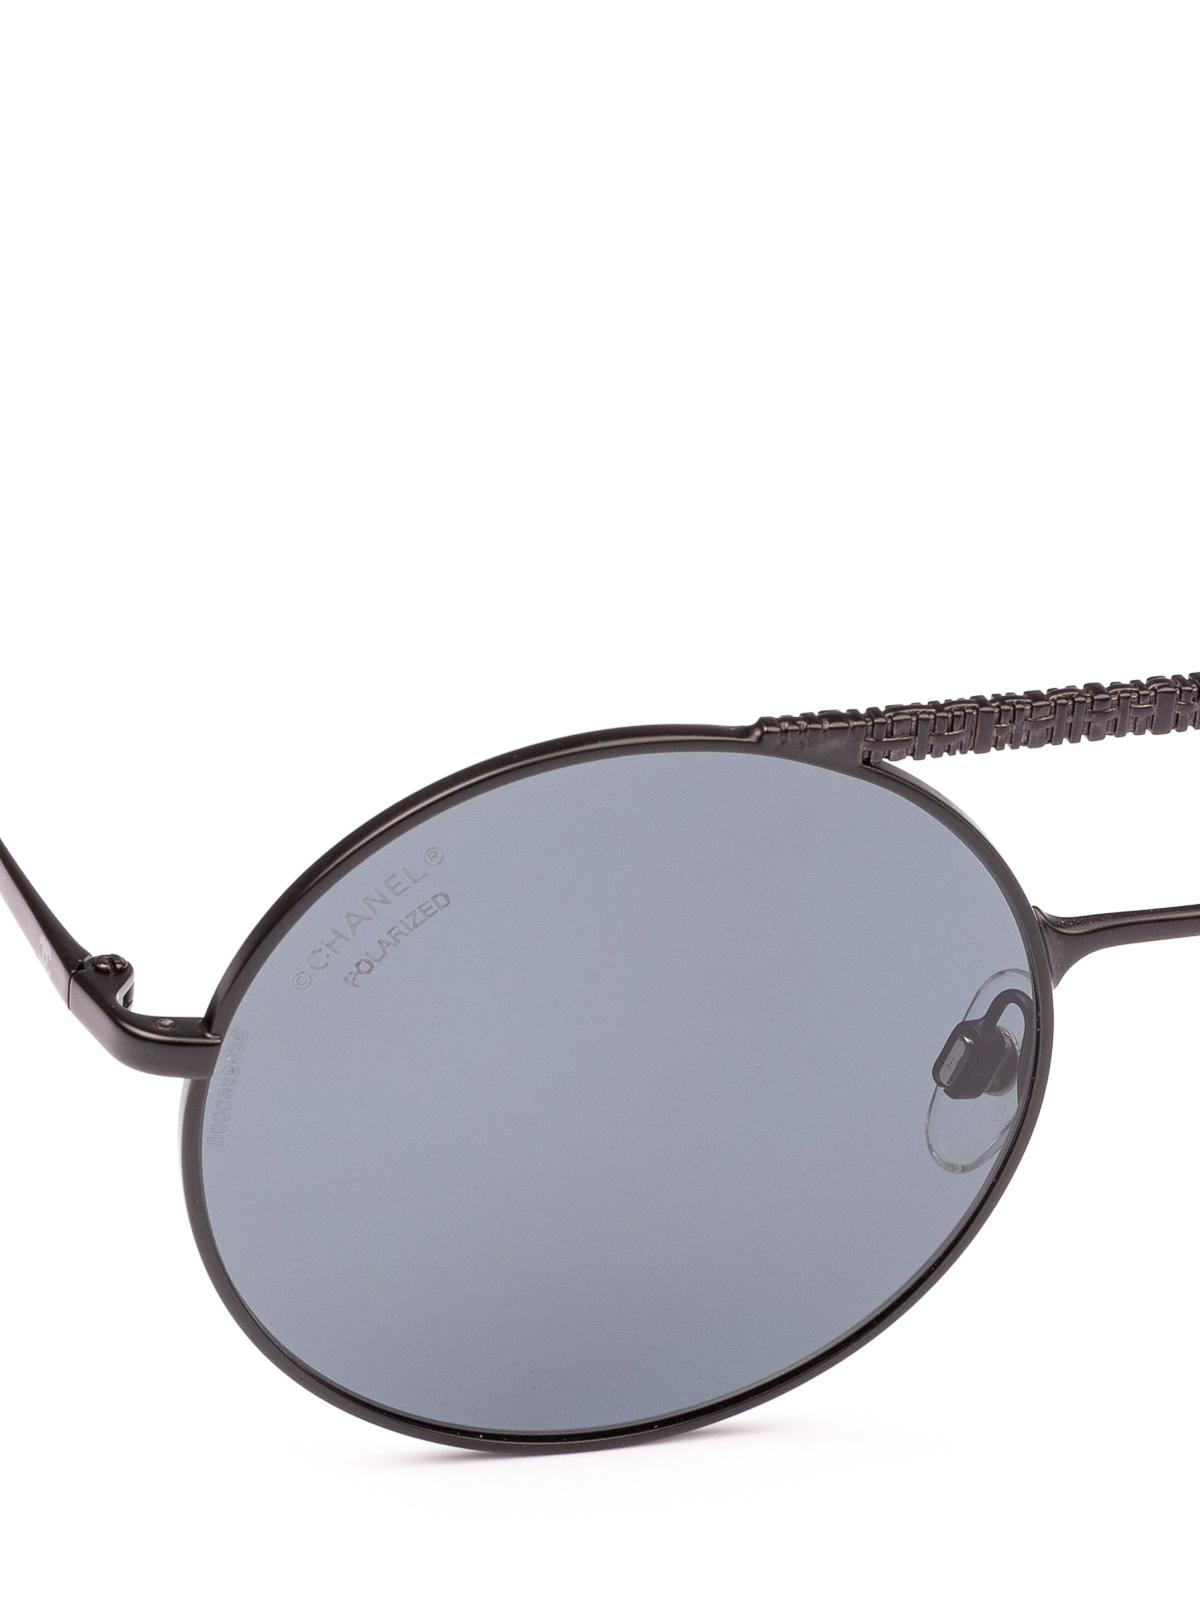 5a4e9e27e0bd7 Chanel - Black mat metal round sunglasses - sunglasses - 4232 C 101 T8